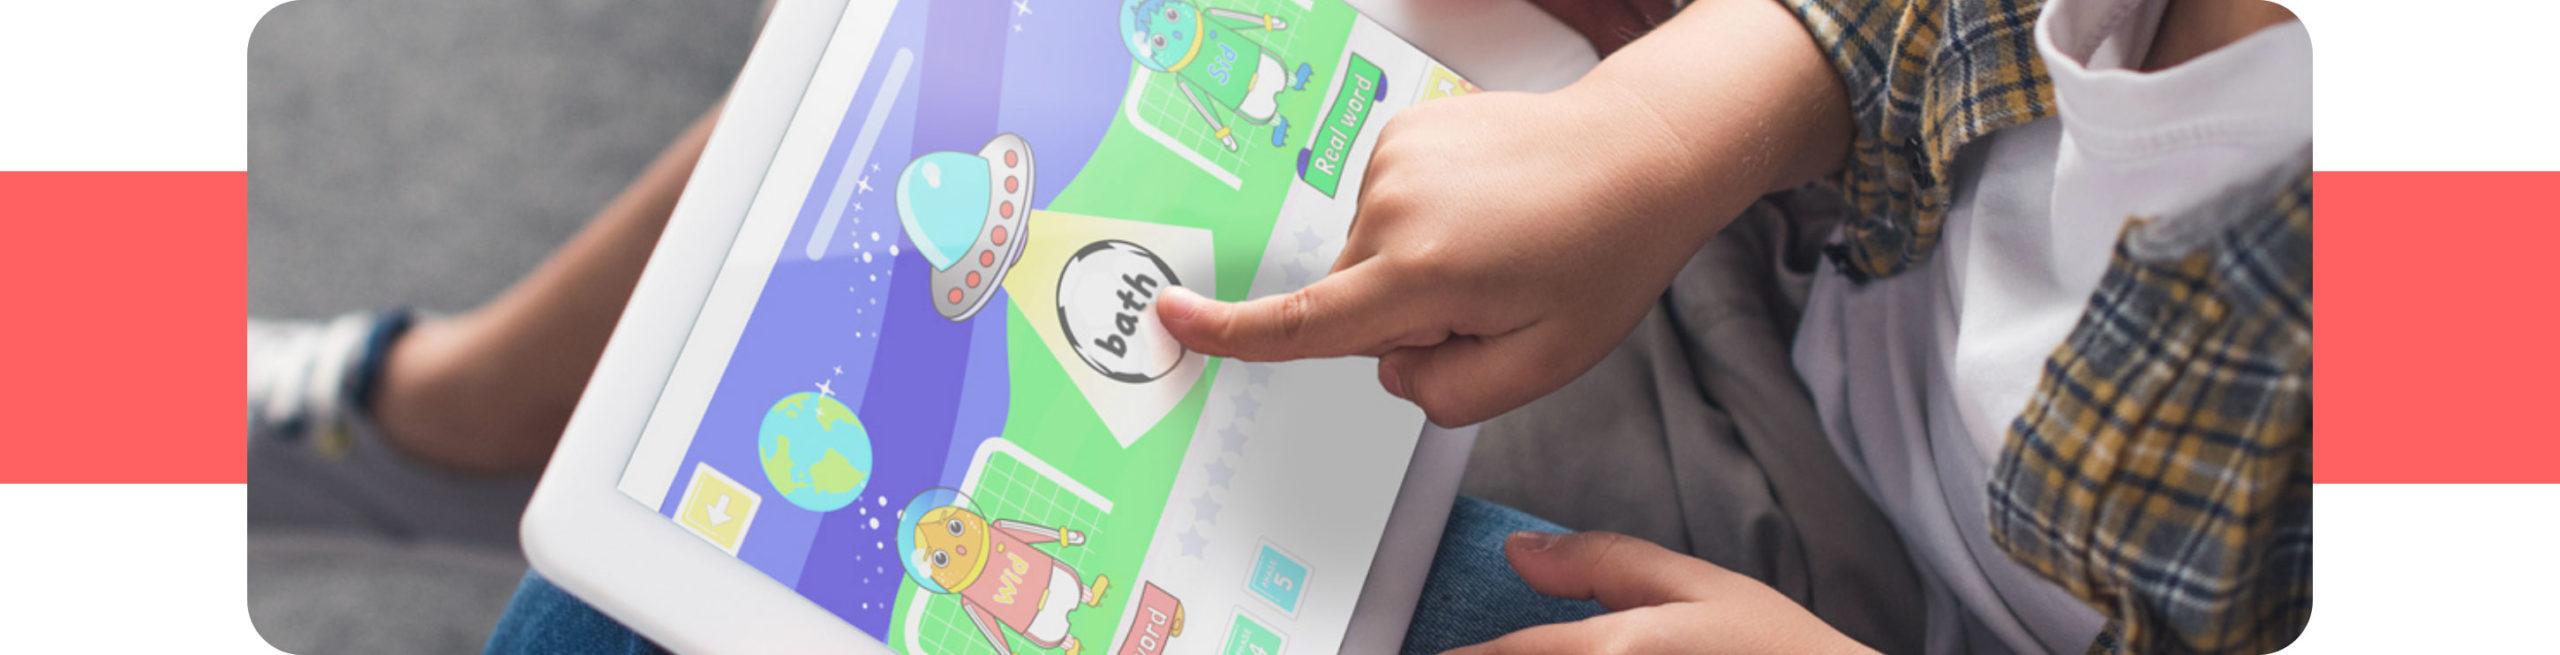 iPad-Game@2x